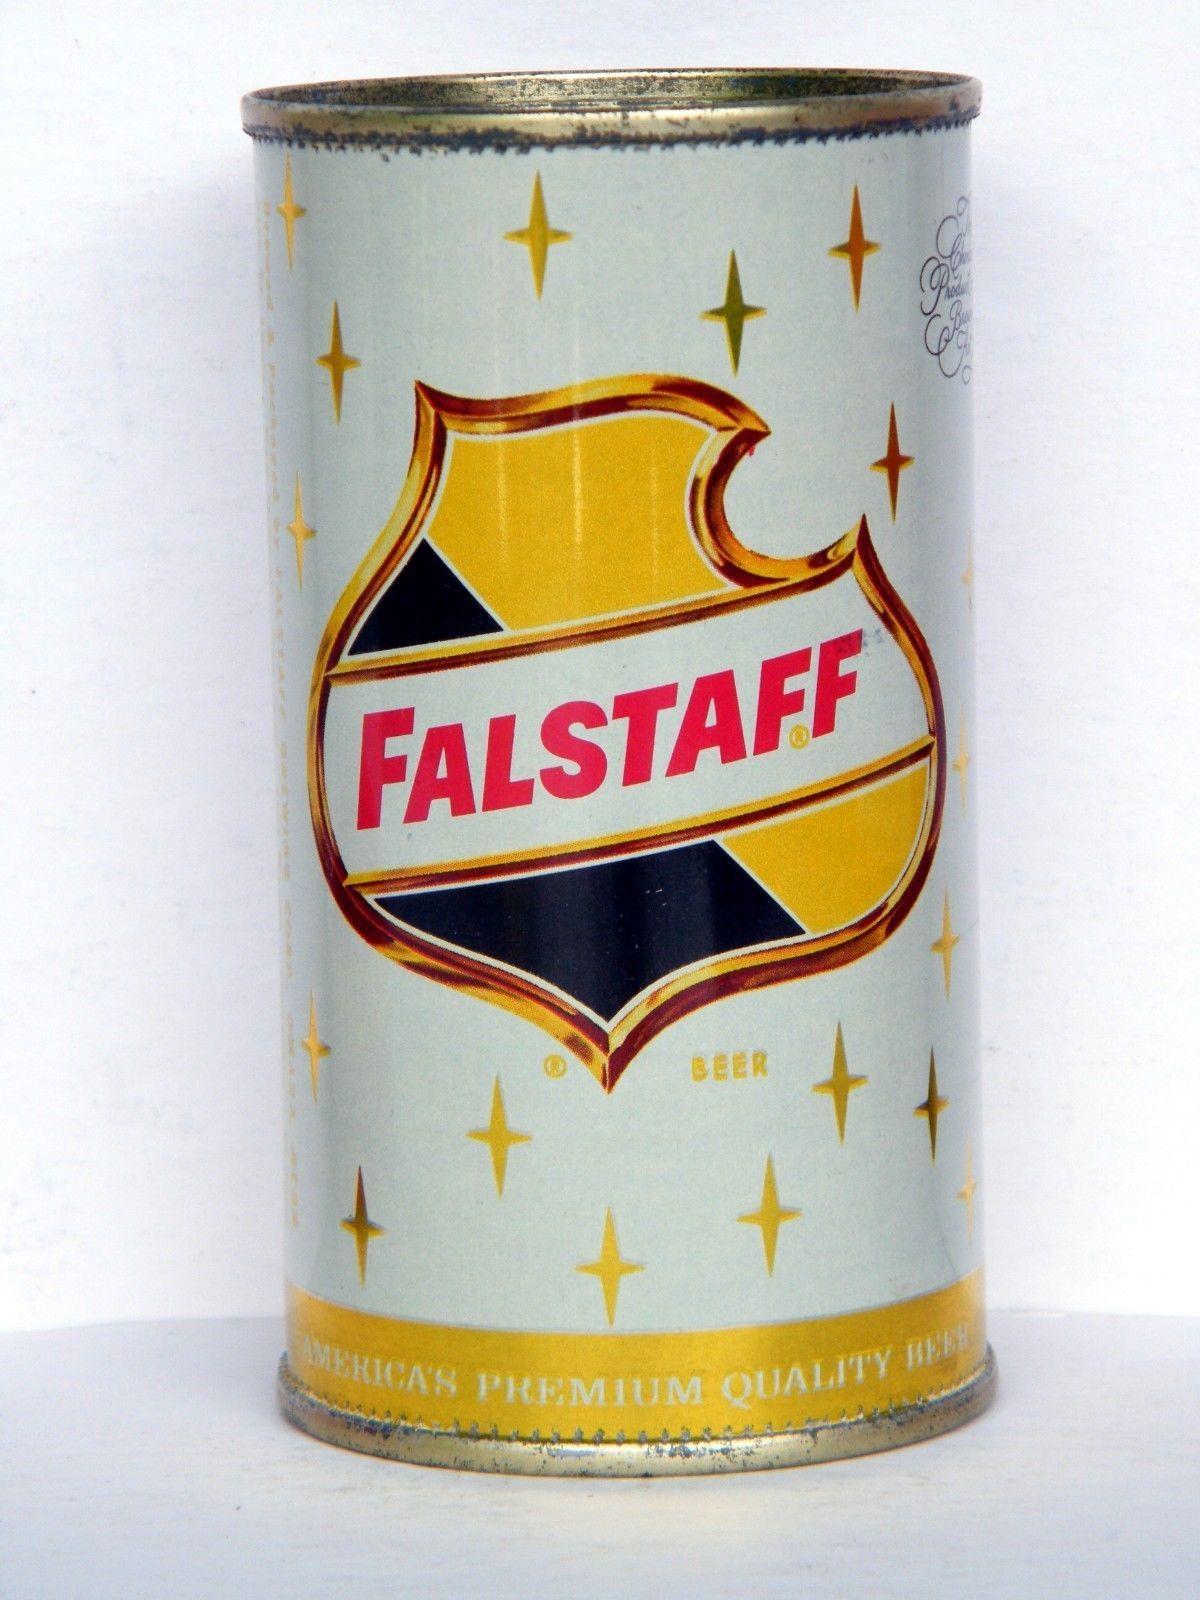 FALSTAFF Flat Top Beer Can, Omaha, Nebraska | eBay | Beer ...